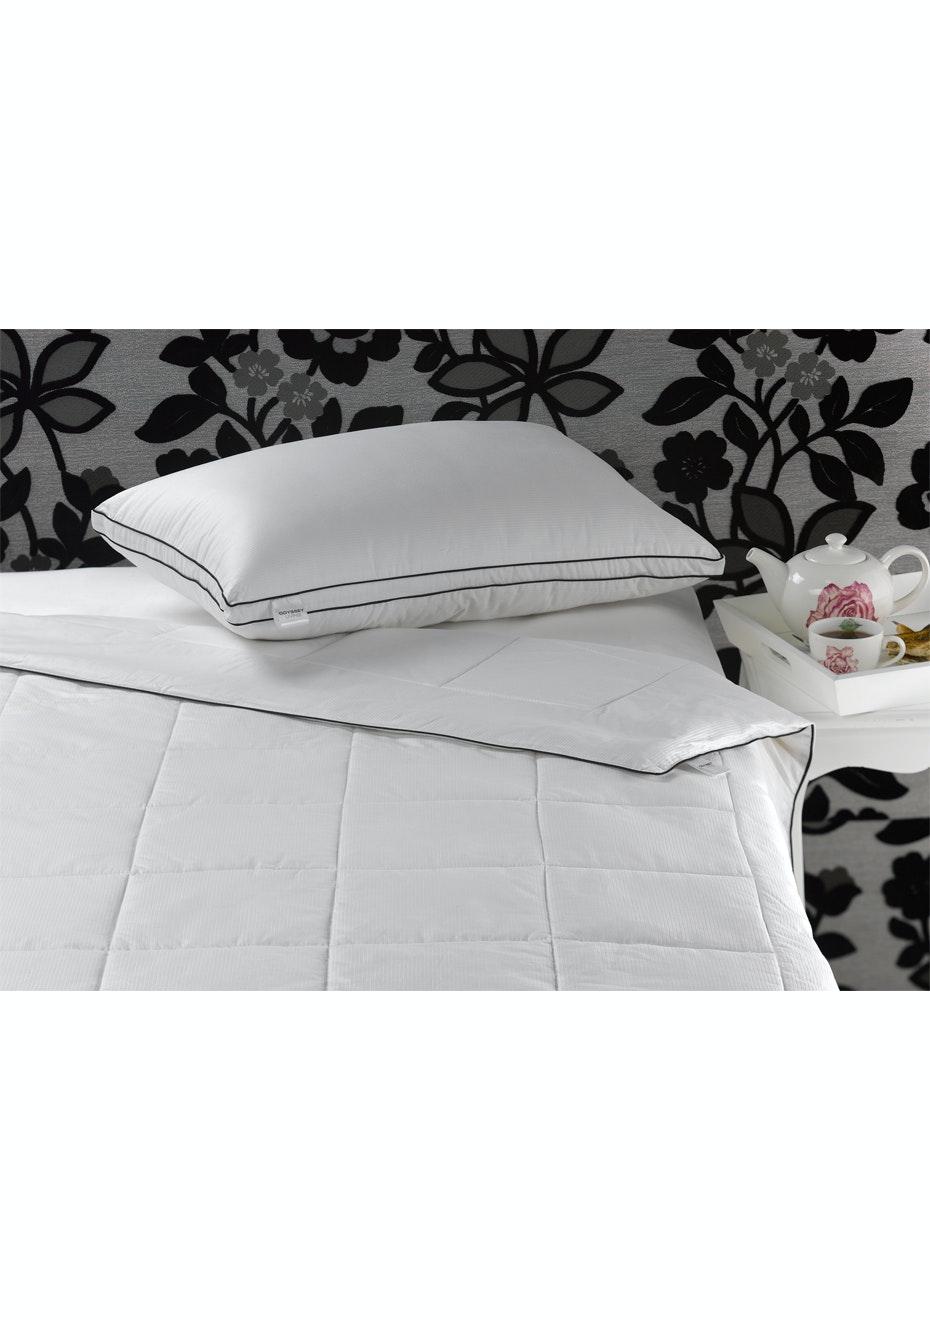 Silk Blend Cotton Quilt - Queen Bed